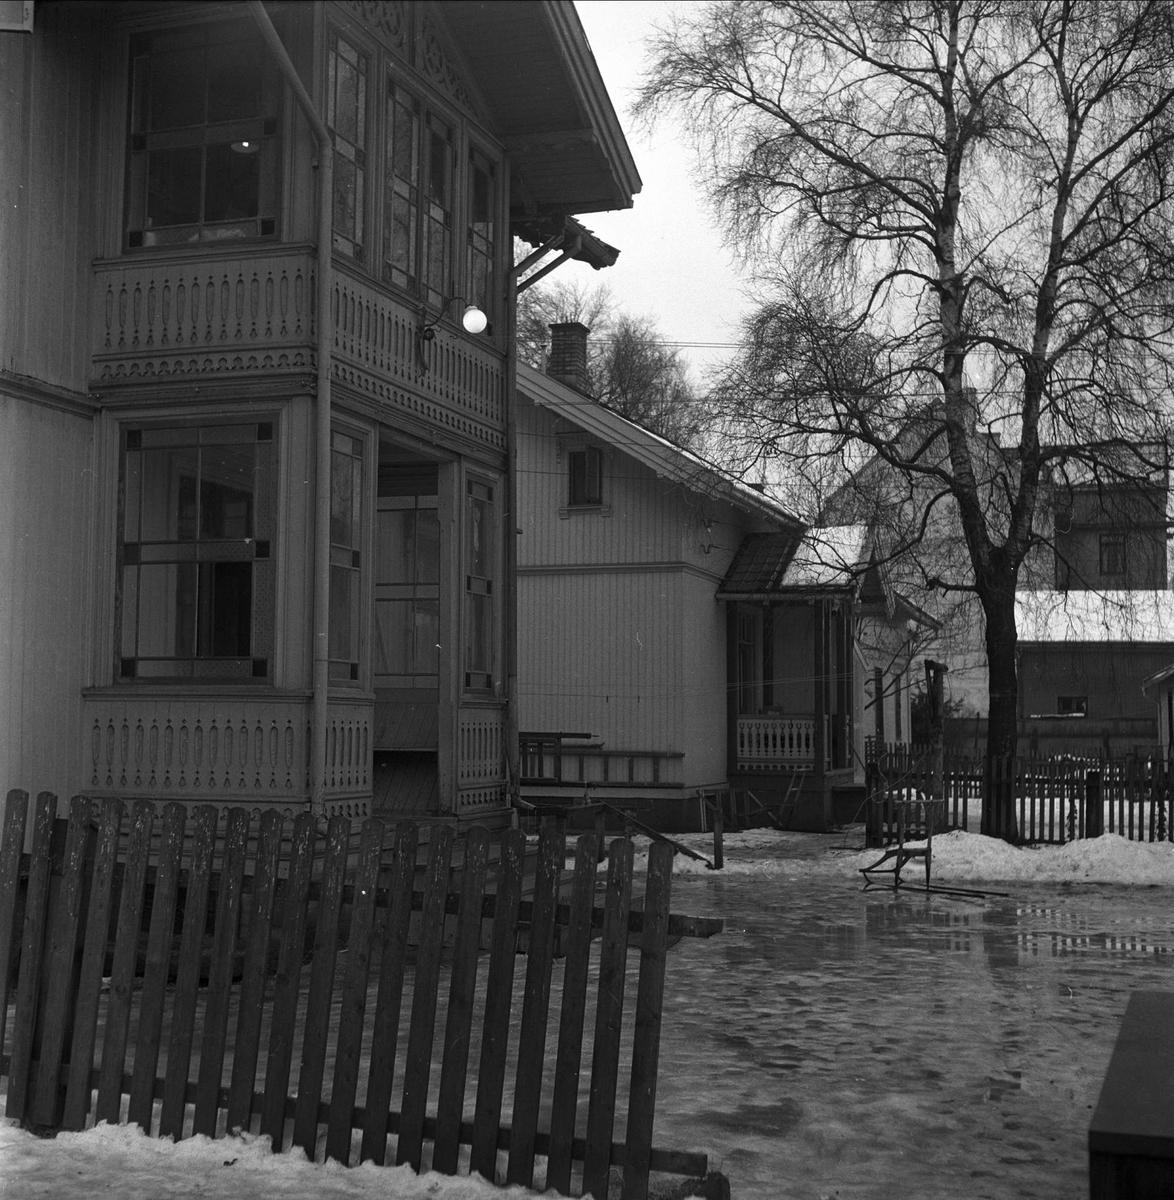 Lillestrøm, Skedsmo, Akershus, desember 1952. Eldre villabebyggelse. Sveitserstil, glassveranda.